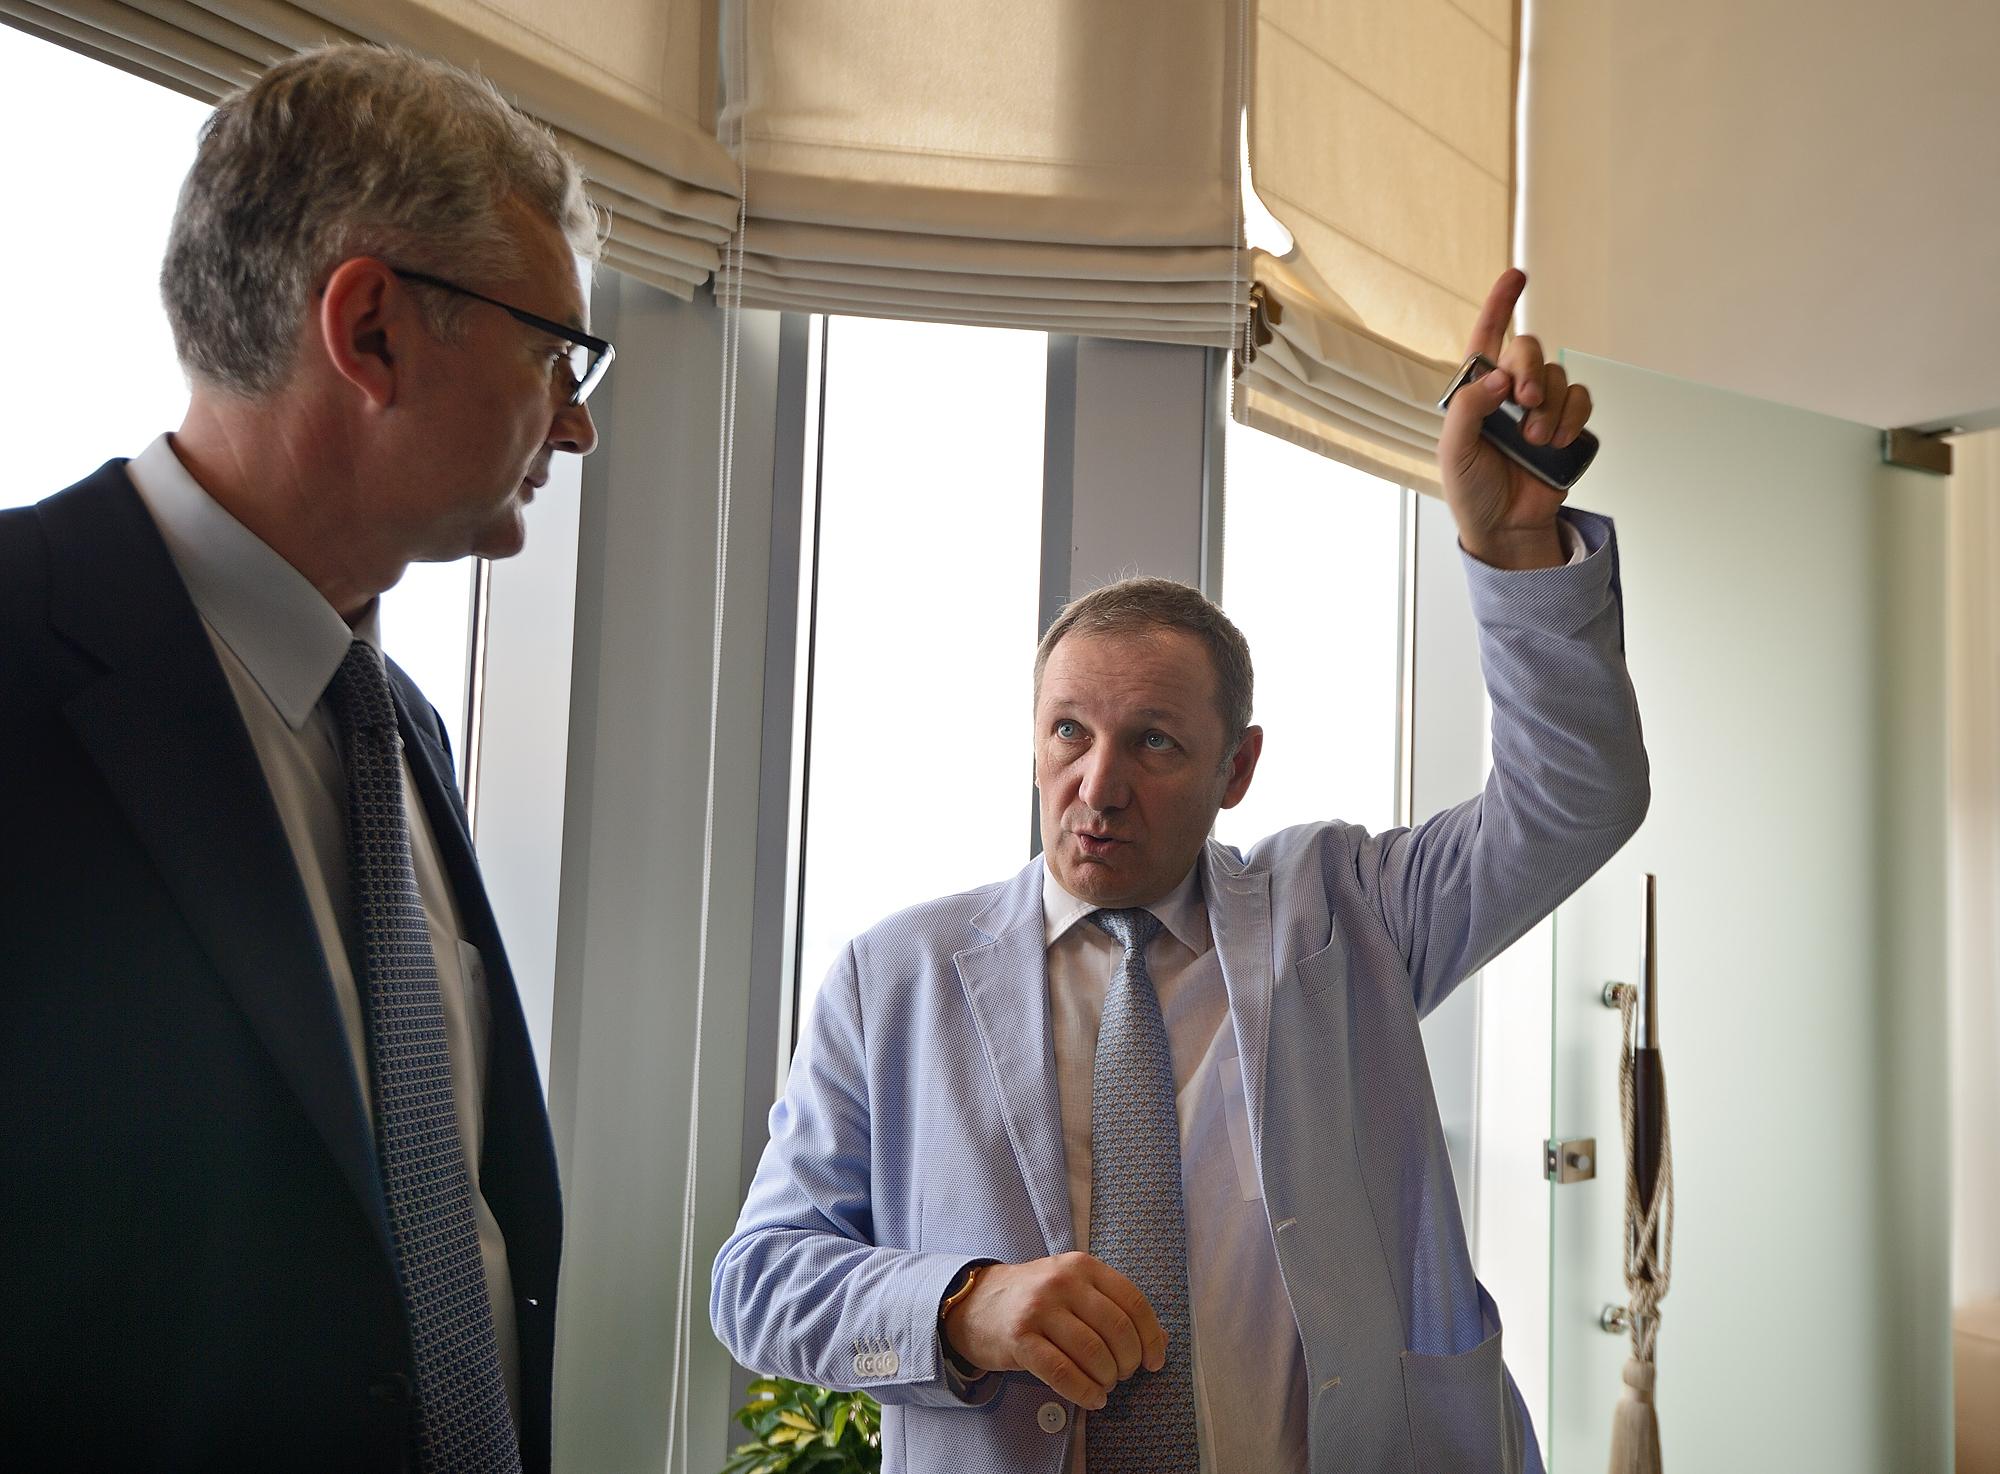 Гавриловский пообещал Якобу скидку в самом высоком отеле Европы